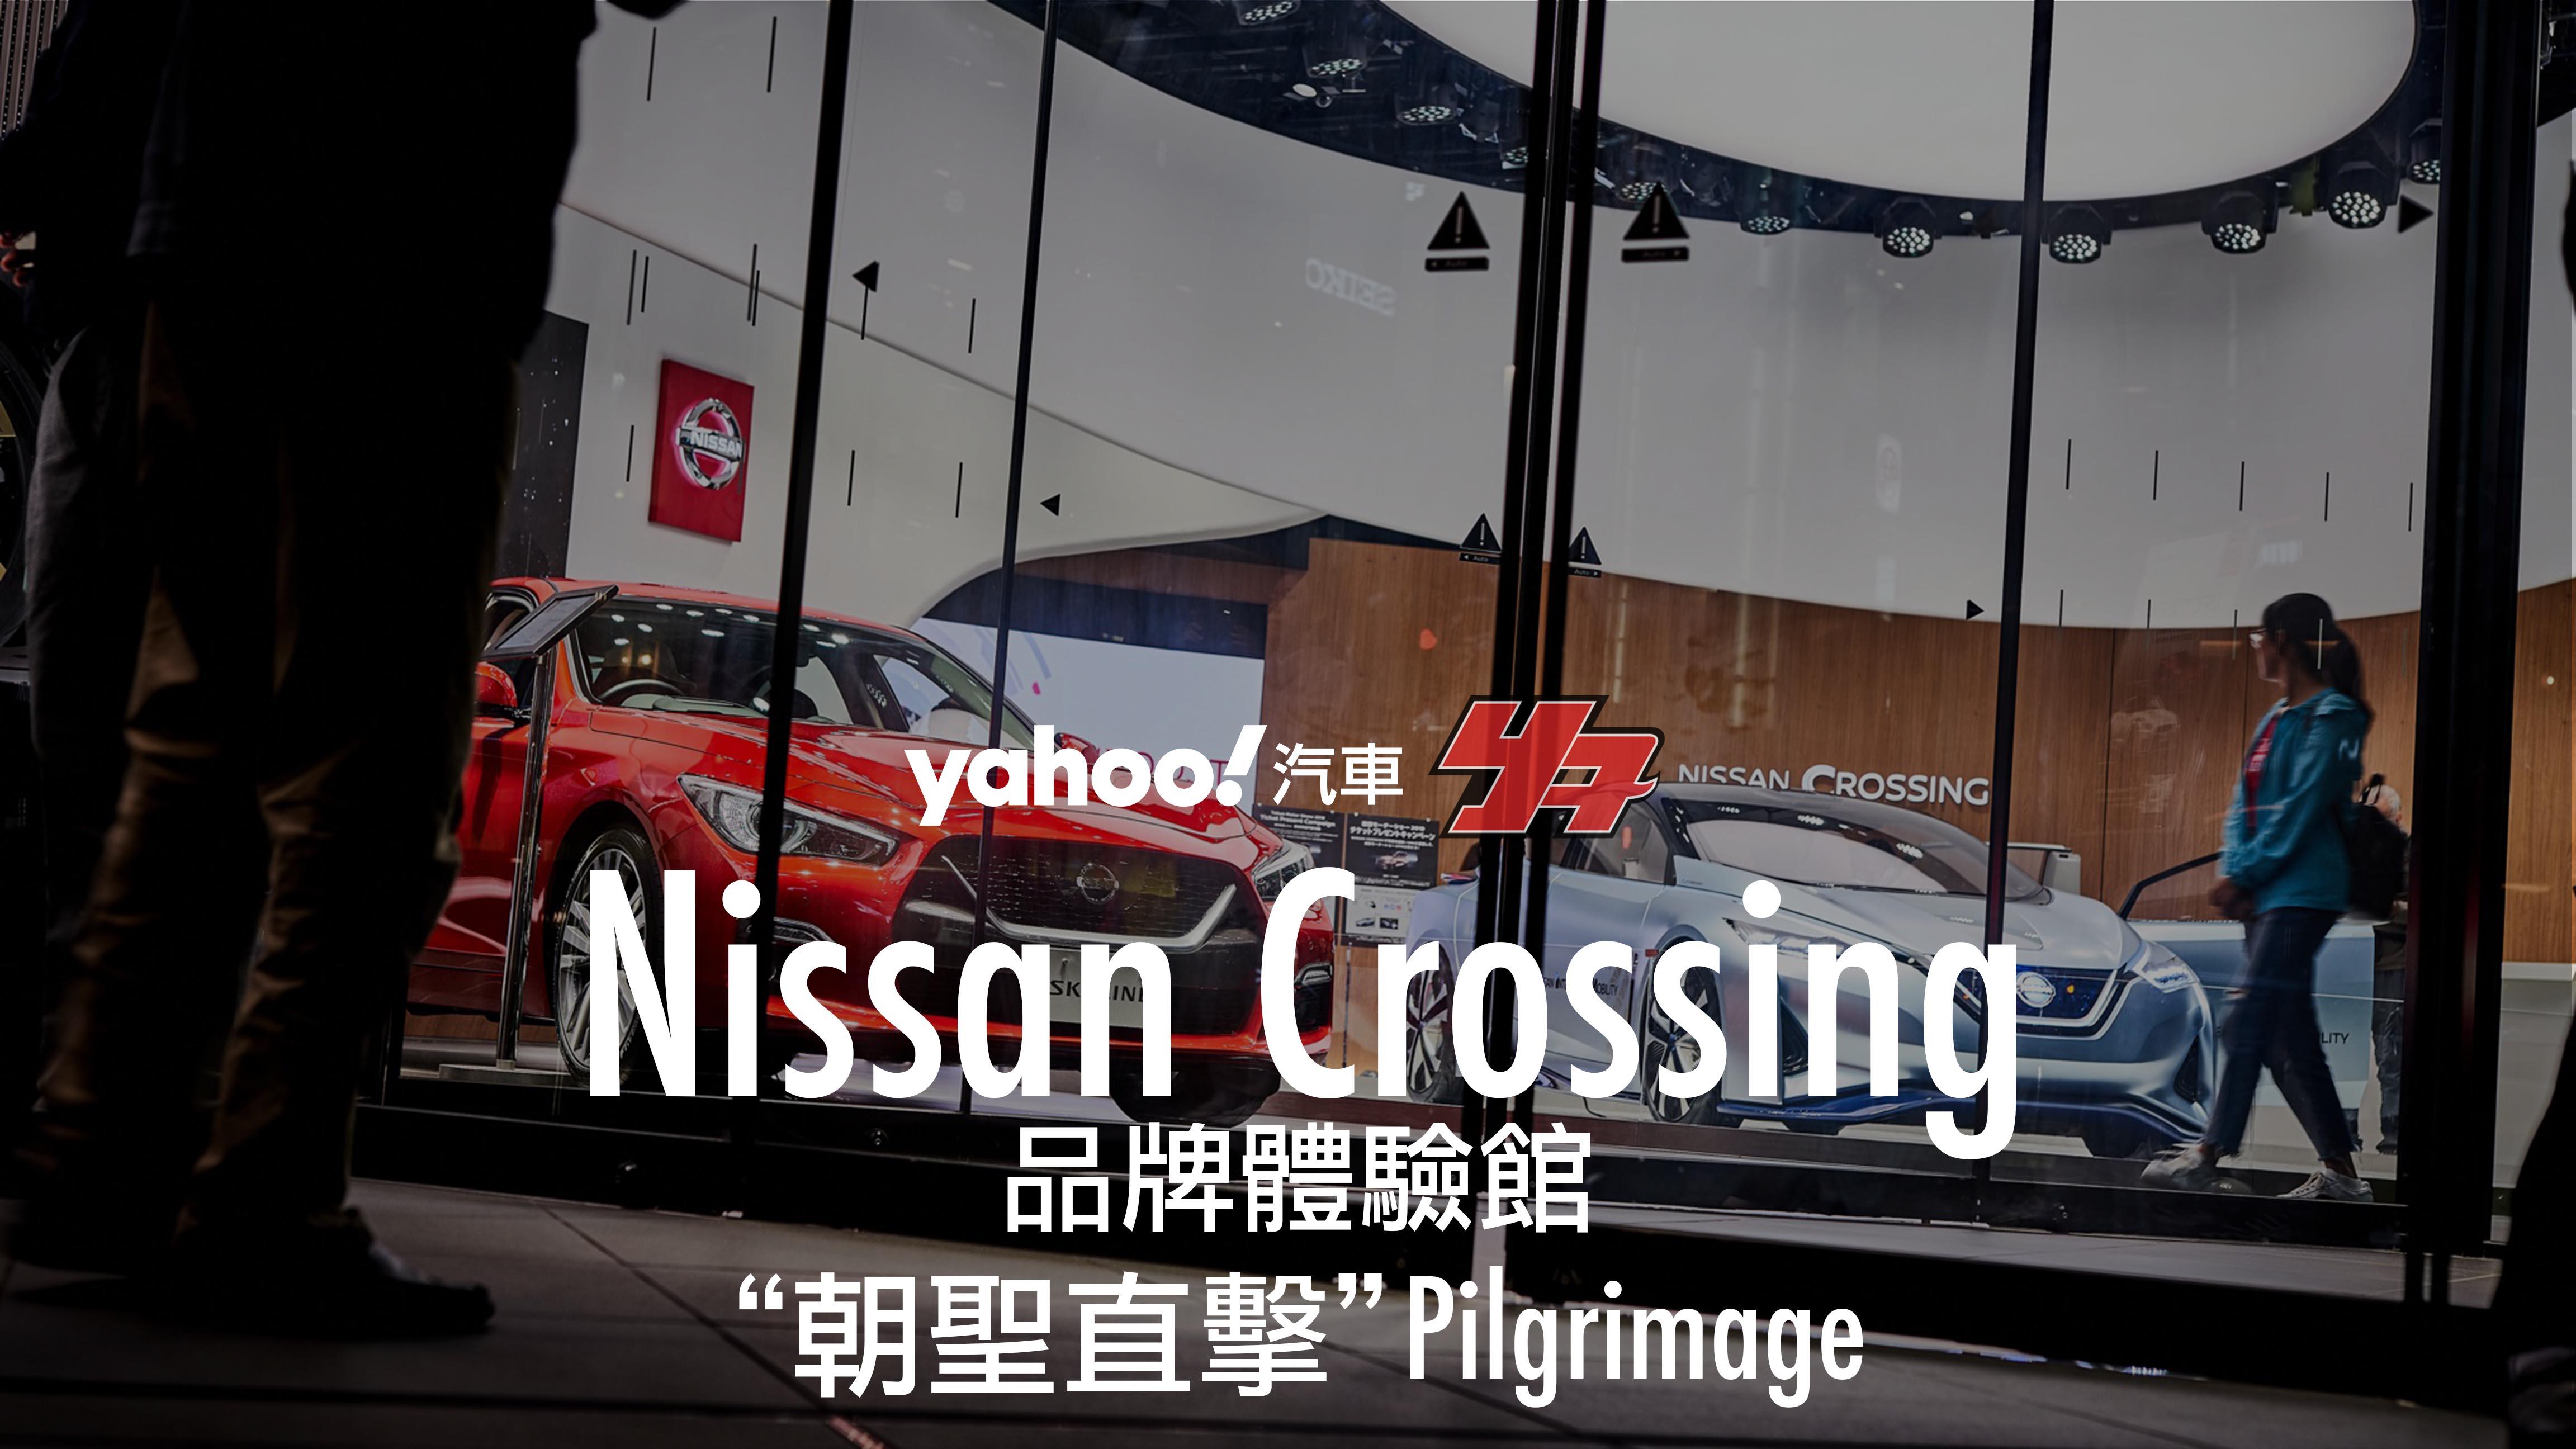 【朝聖直擊】走向未來的出發點!東京銀座Nissan Crossing品牌體驗館參訪!